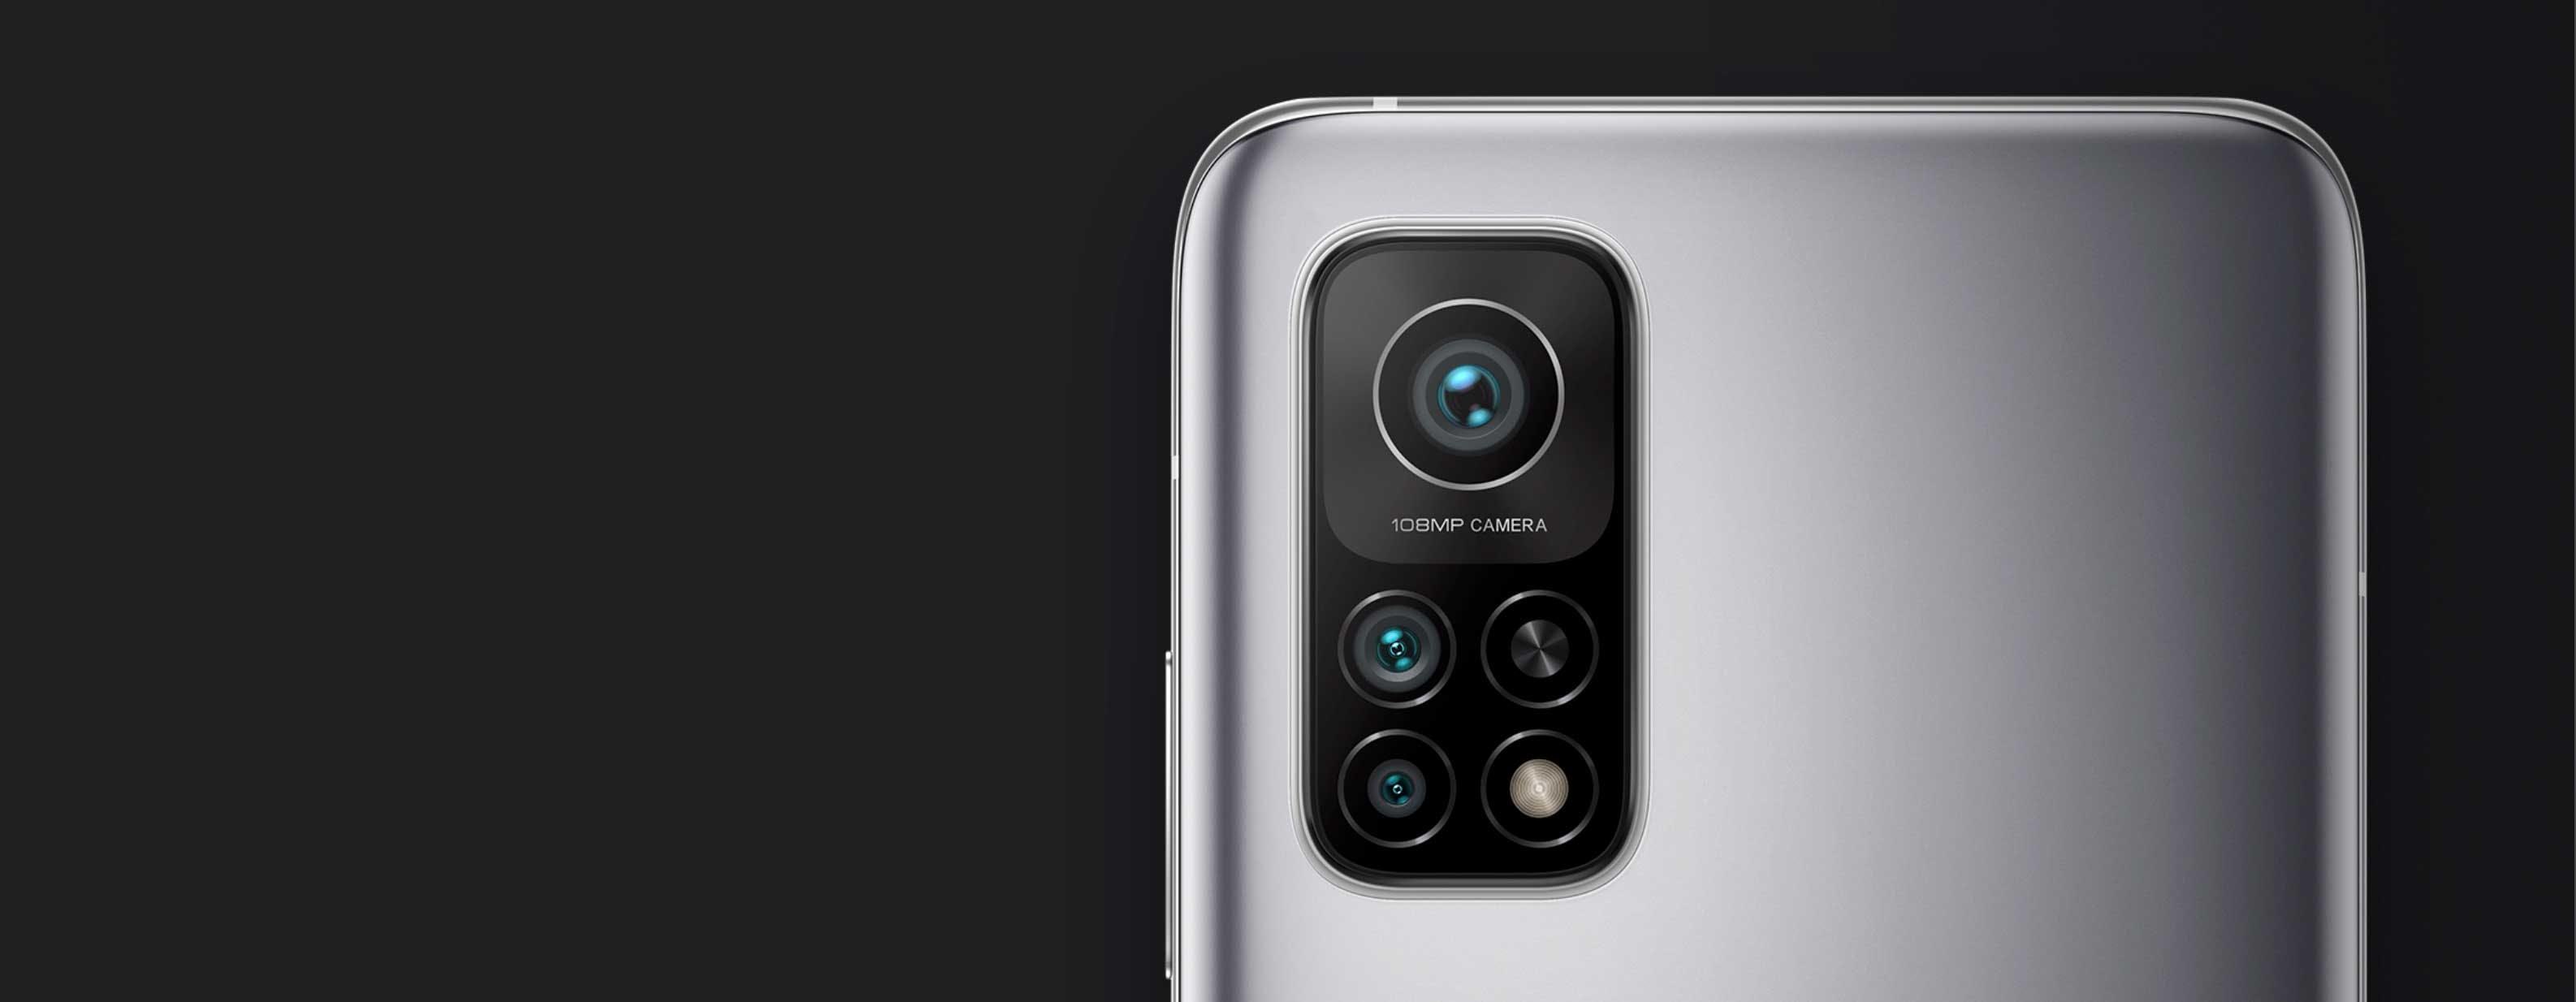 Xiaomi Mi 10T Pro, recensione. Fotocamera da 108 megapixel su un telefono con molte luci e qualche ombra